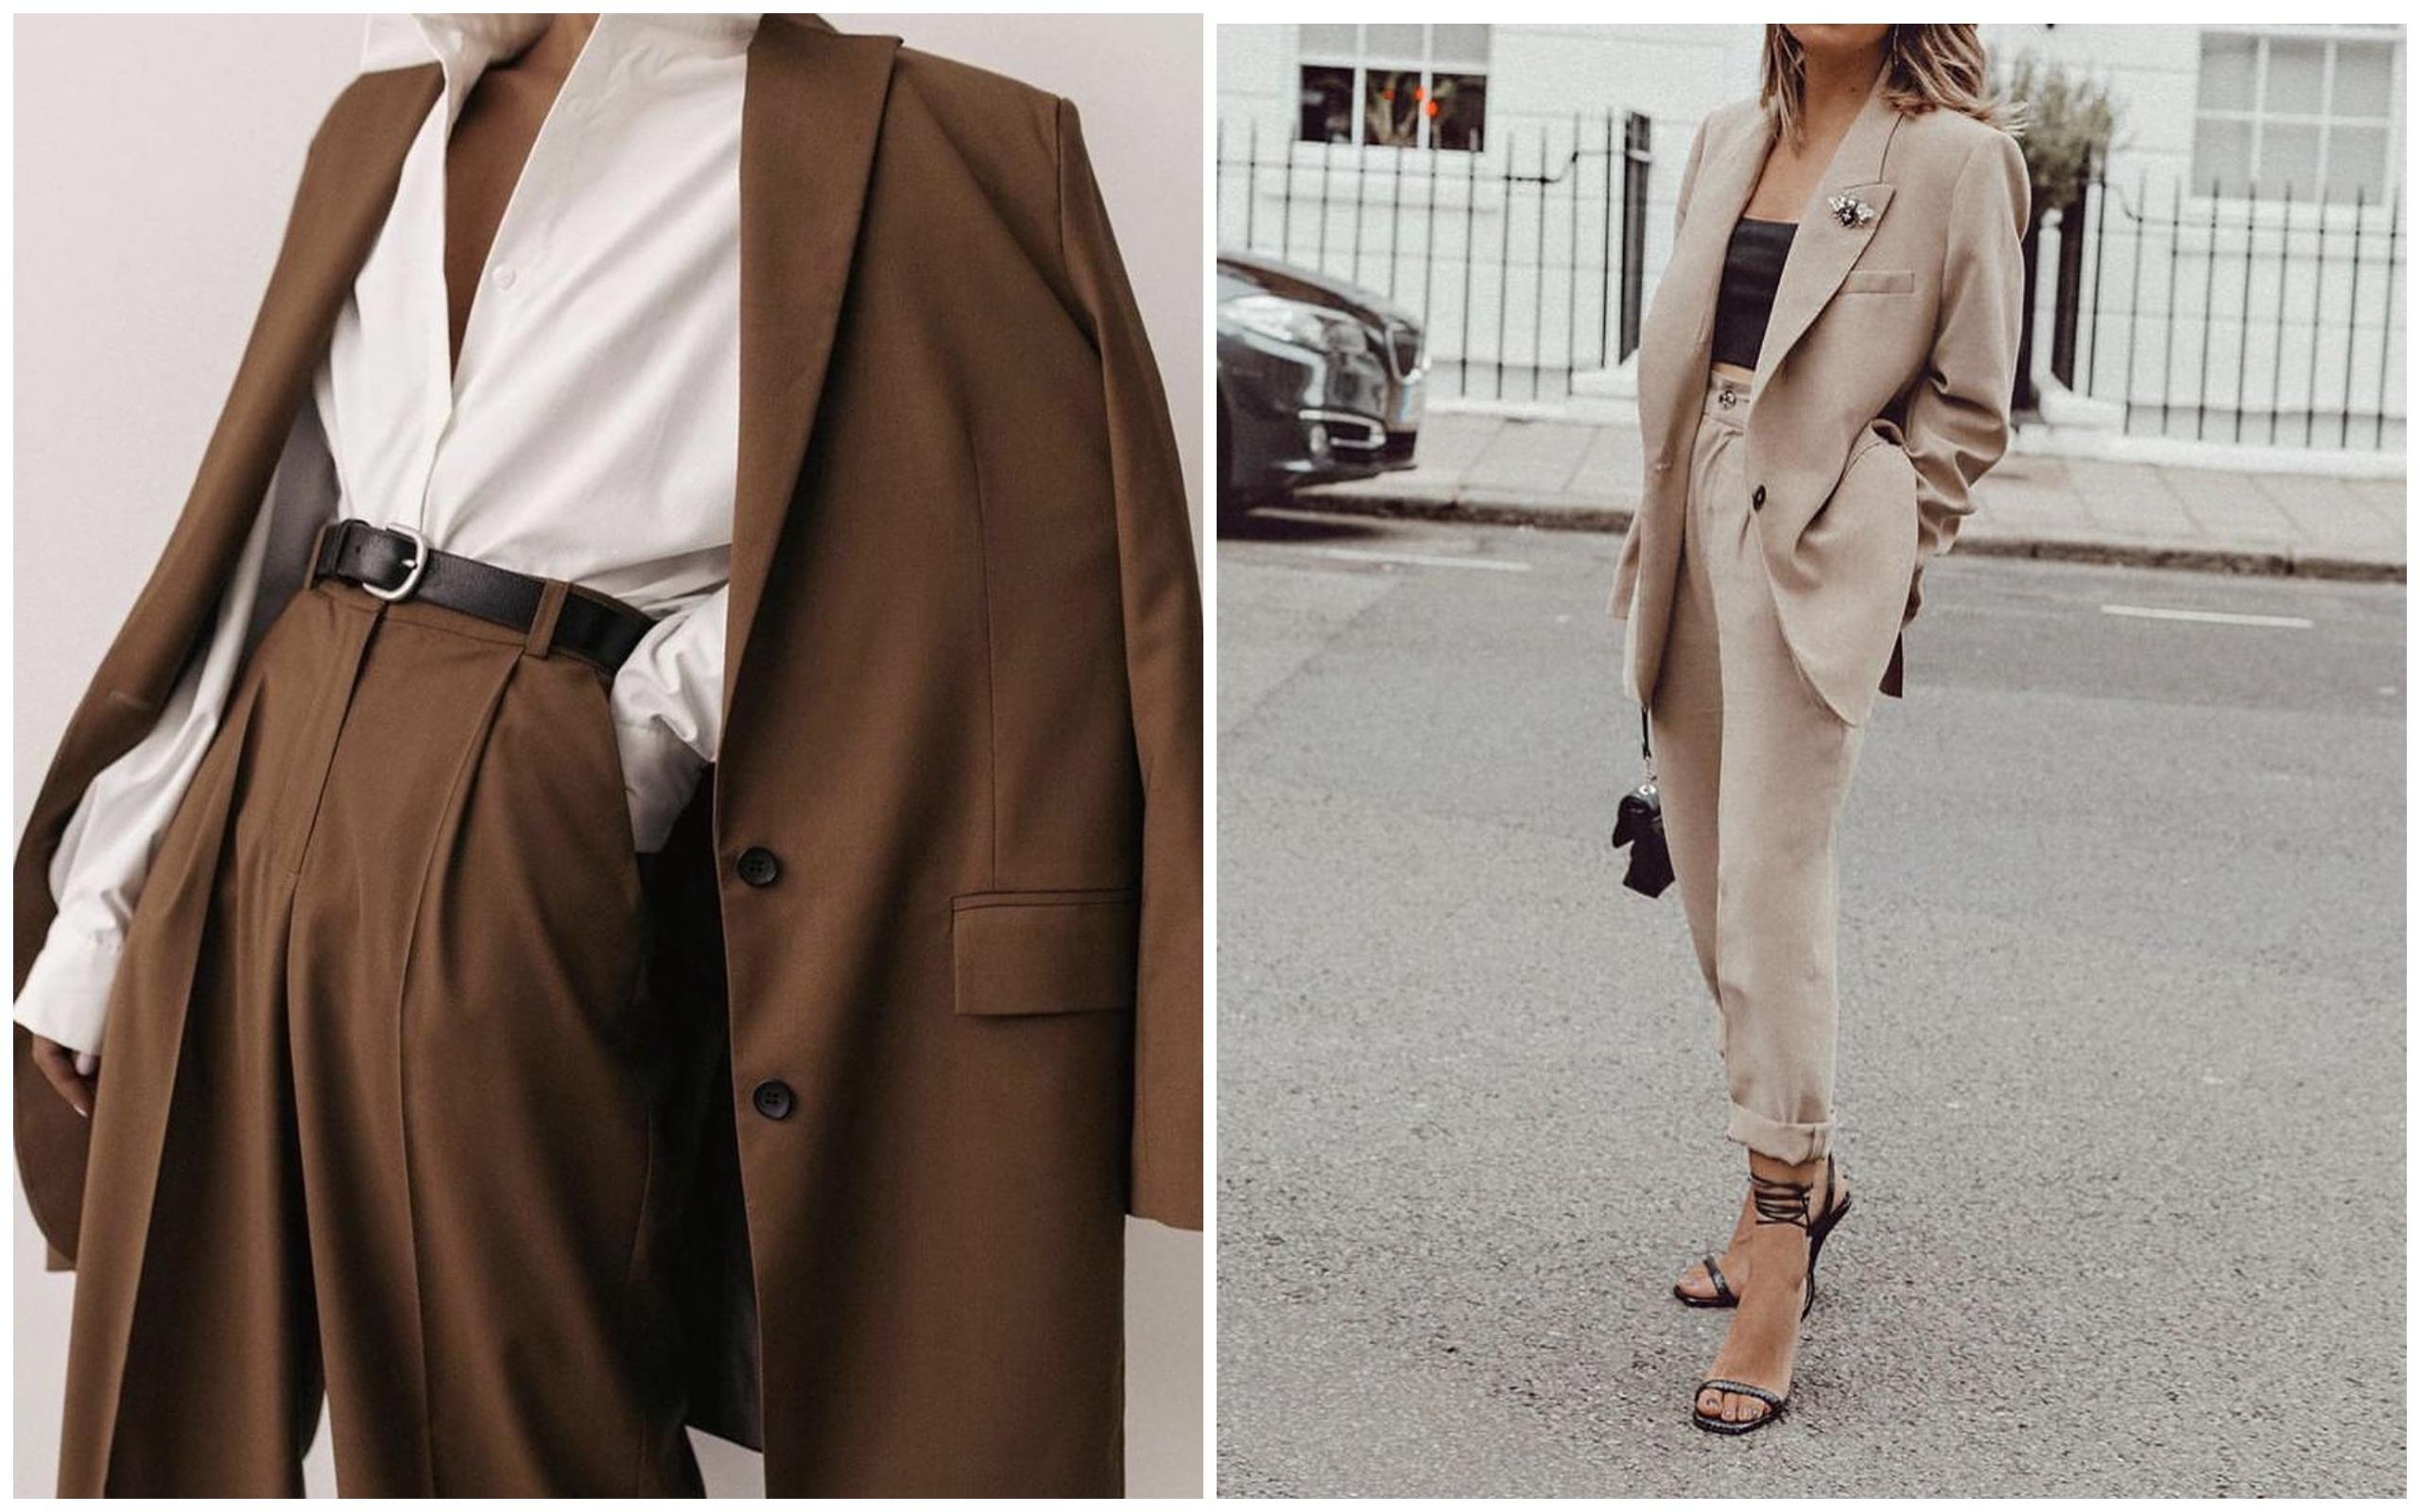 Tendances mode 2020: couleurs mode 2020 et tendances de l'habillement